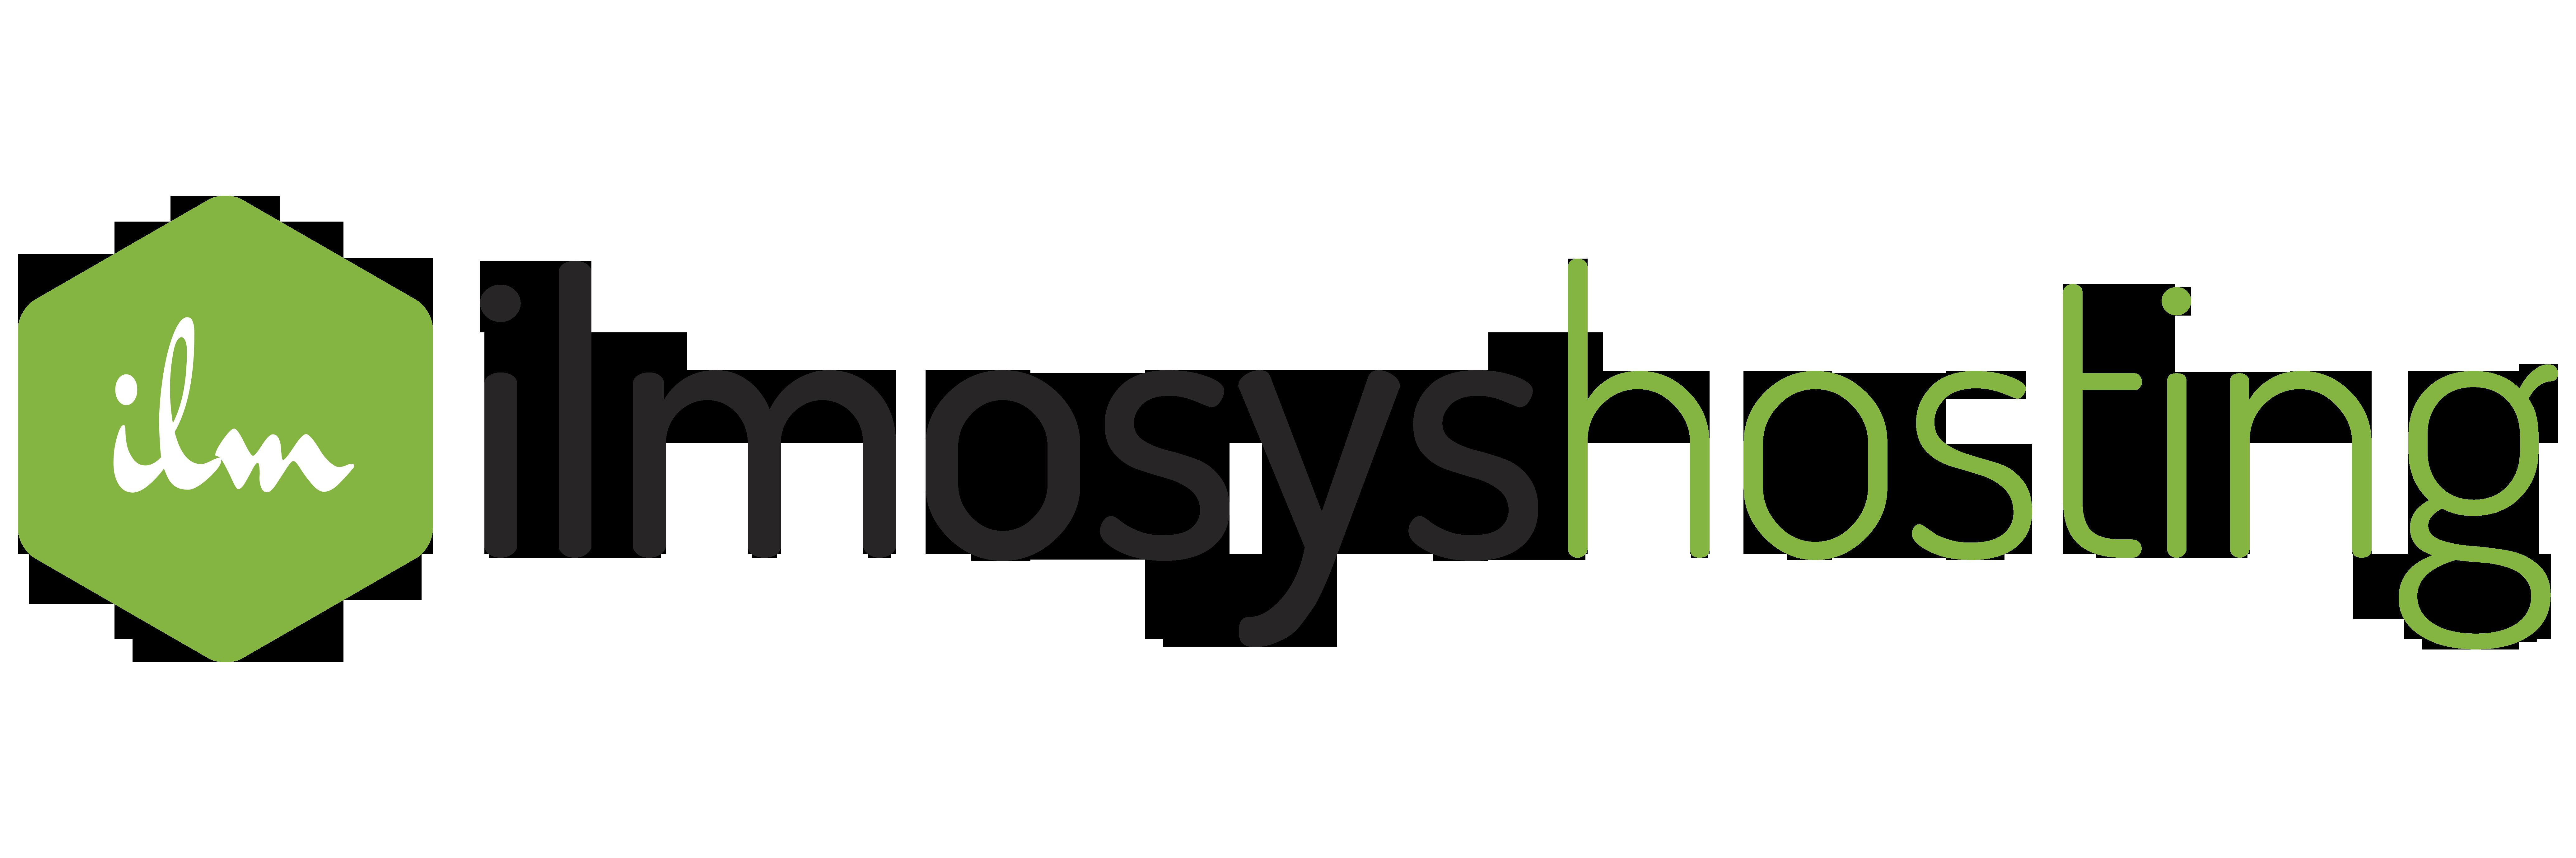 ilmosys hosting